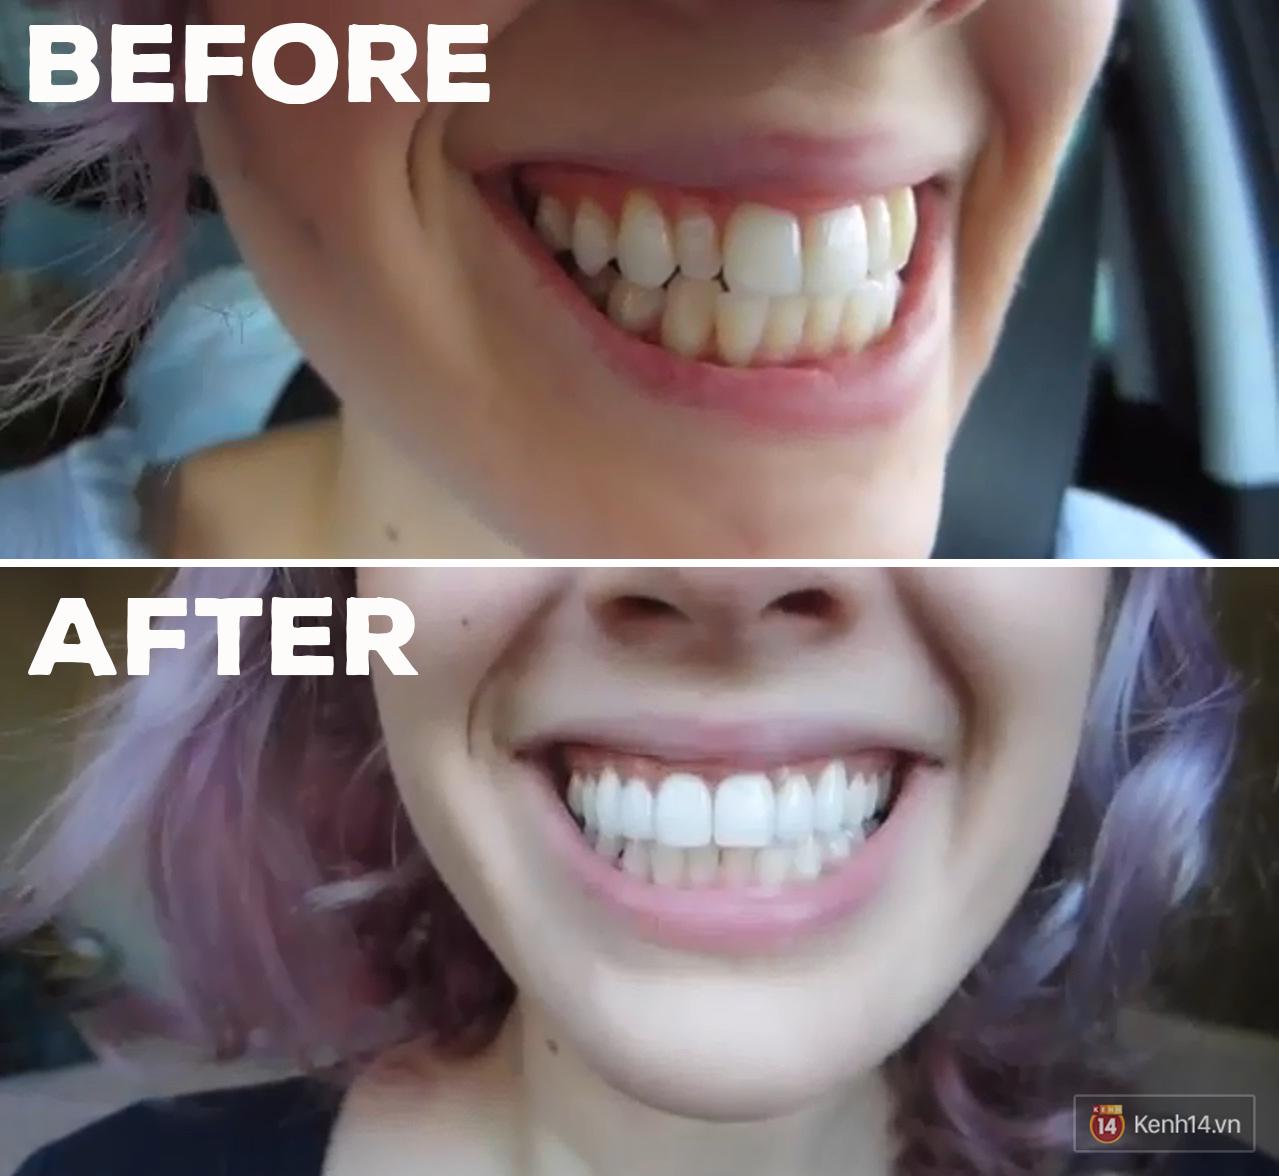 Các bạn trẻ trên thế giới đang dùng những phương pháp tẩy trắng răng gì? - Ảnh 14.